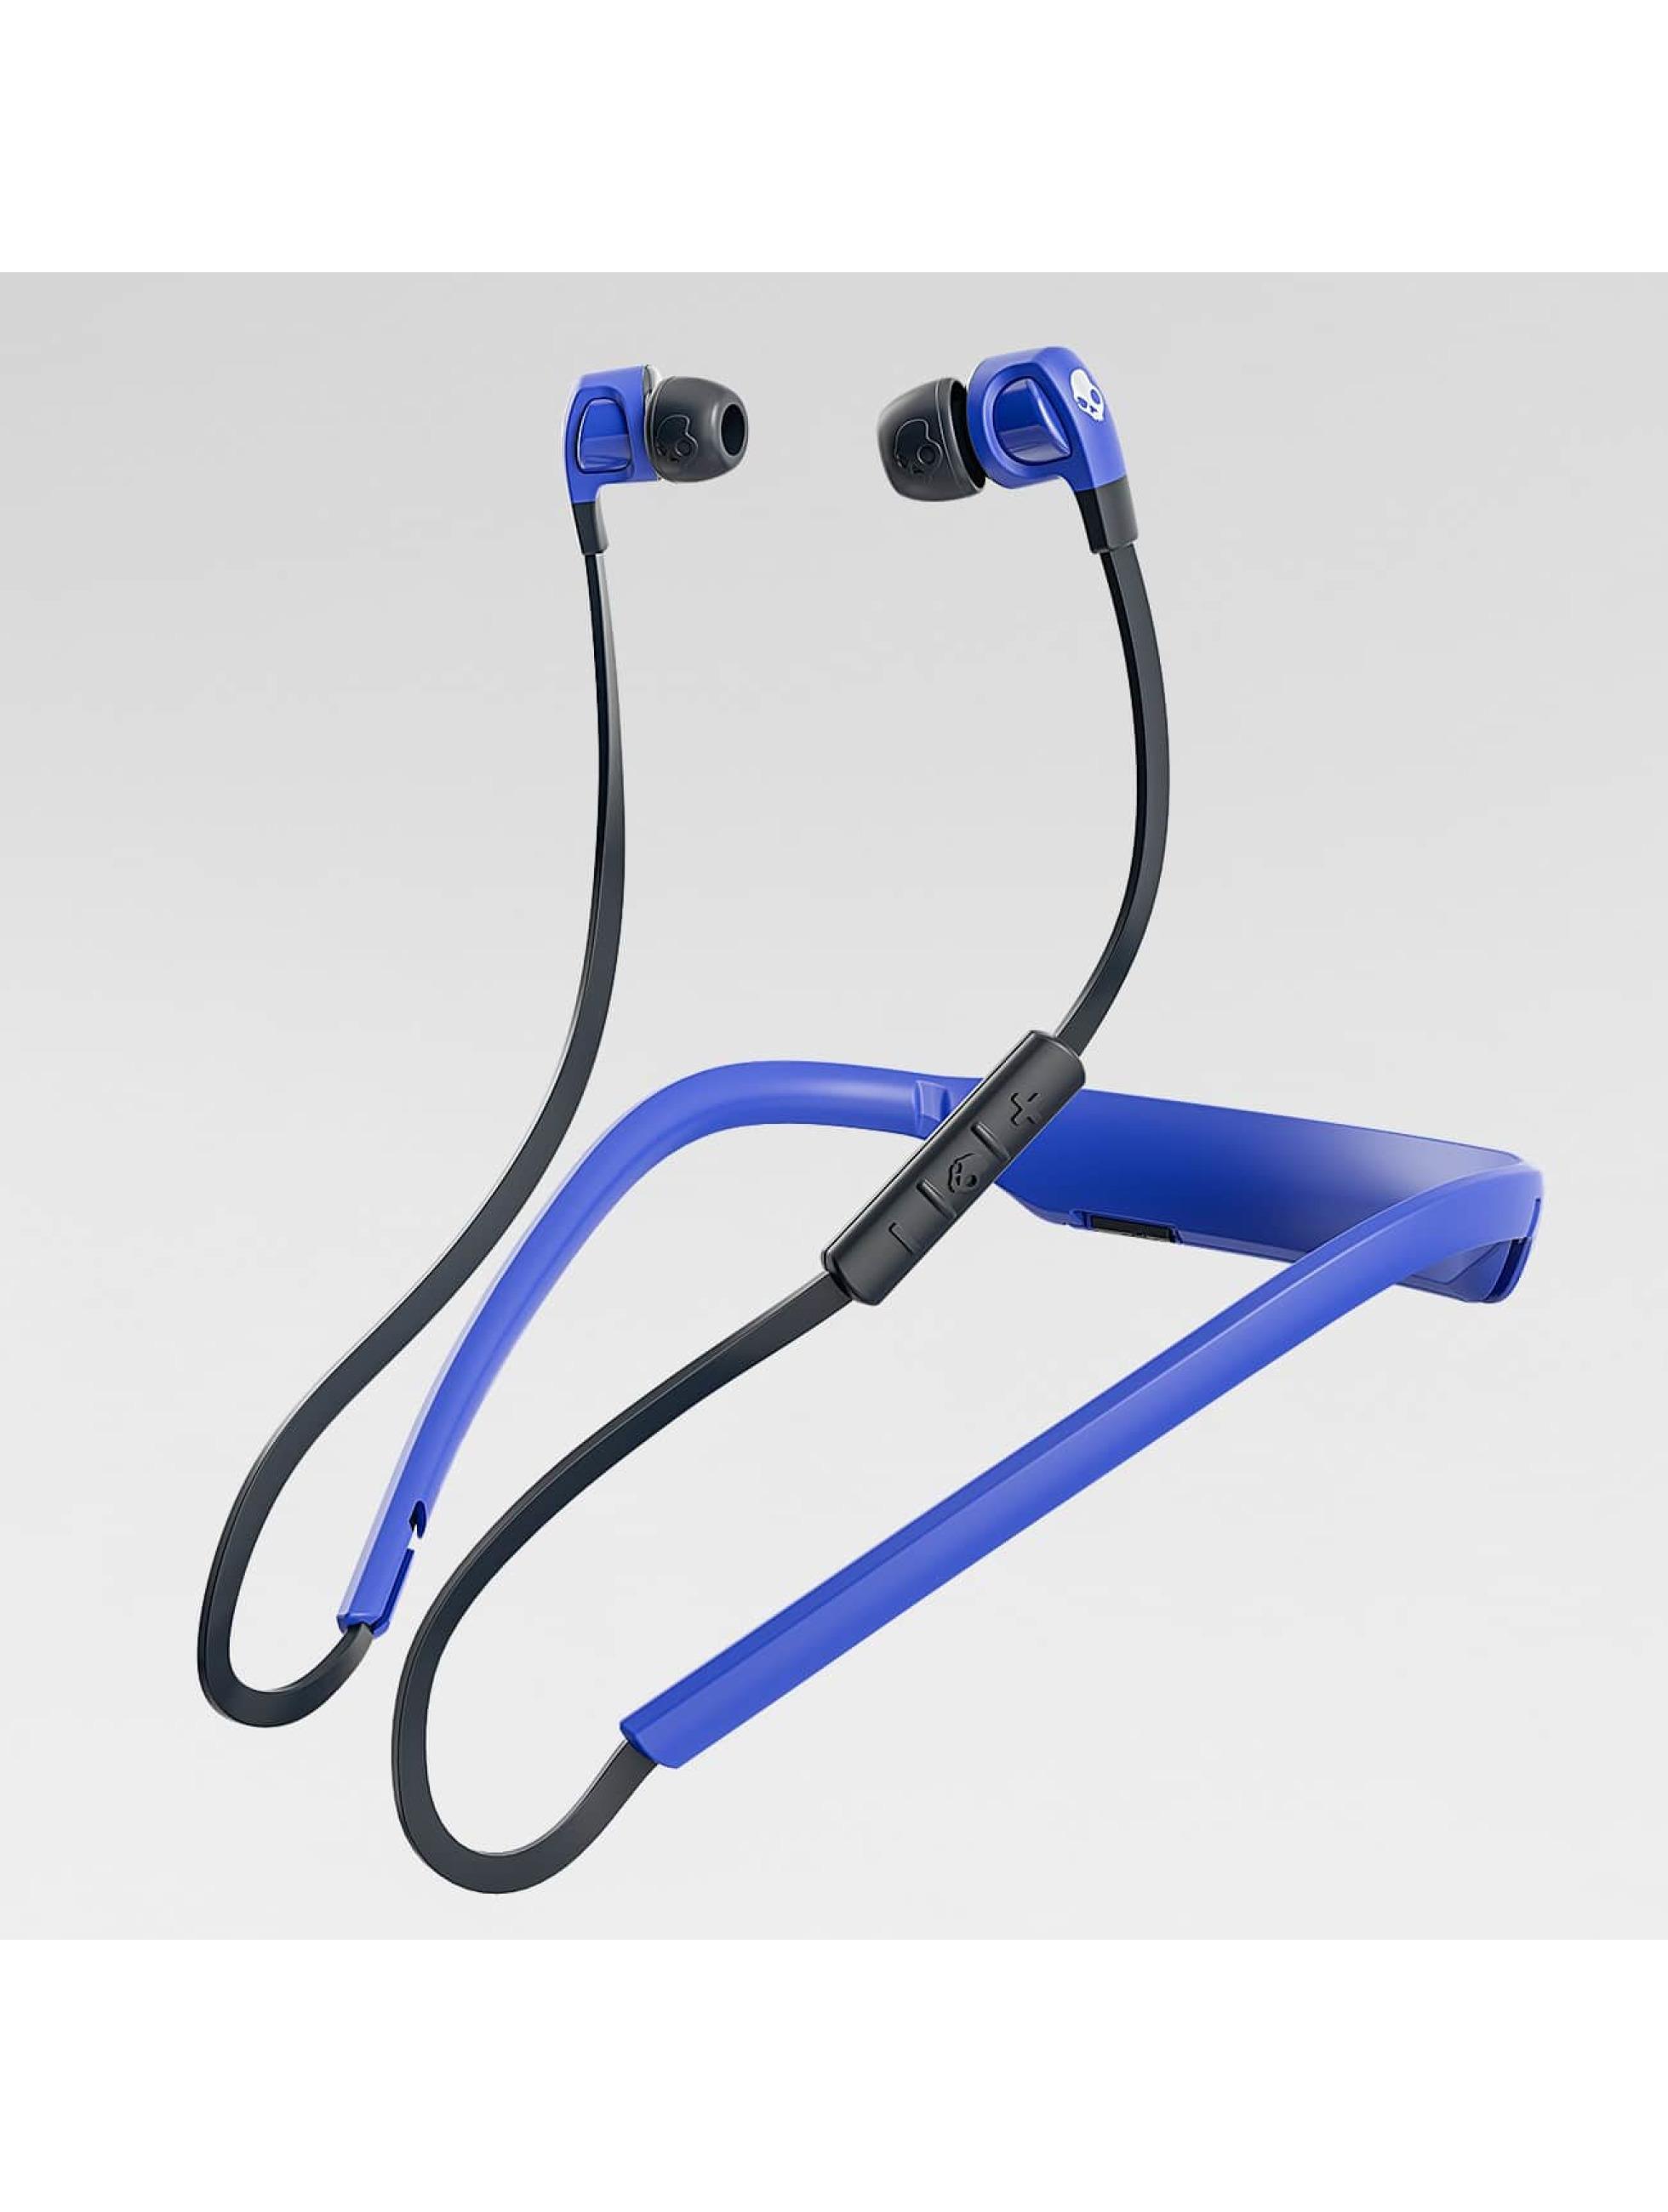 Skullcandy Männer,Frauen Kopfhörer Smokin Bud 2 Wireless in blau